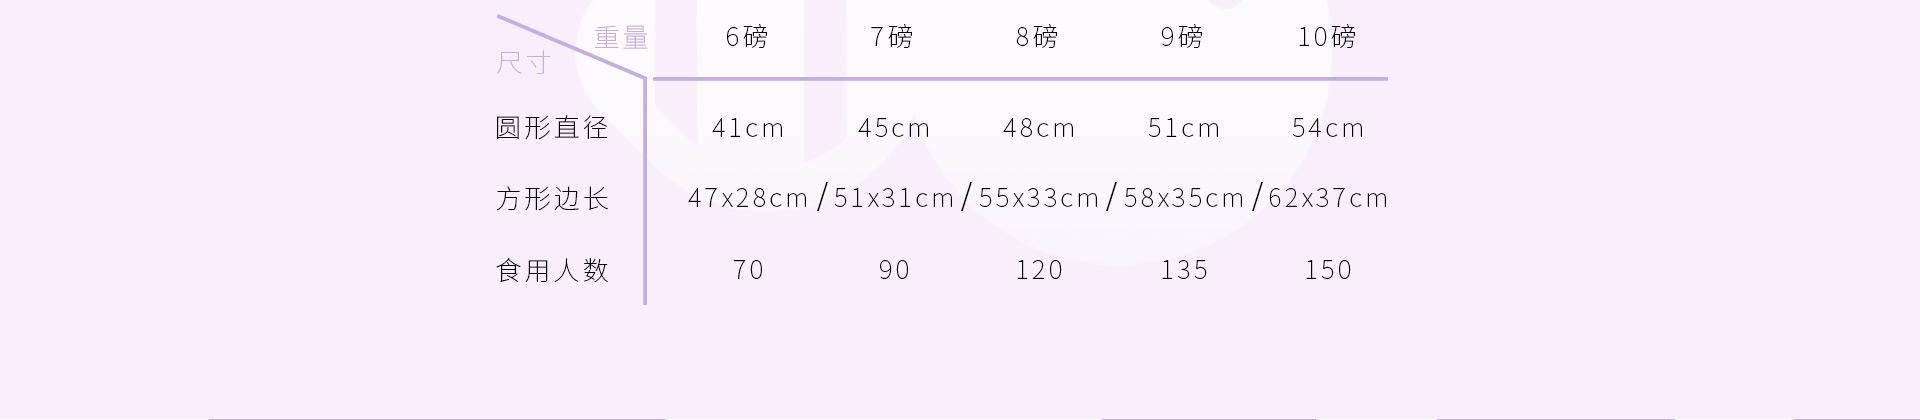 婚礼蛋糕定制 尺寸重量表2 ebeecake小蜜蜂蛋糕